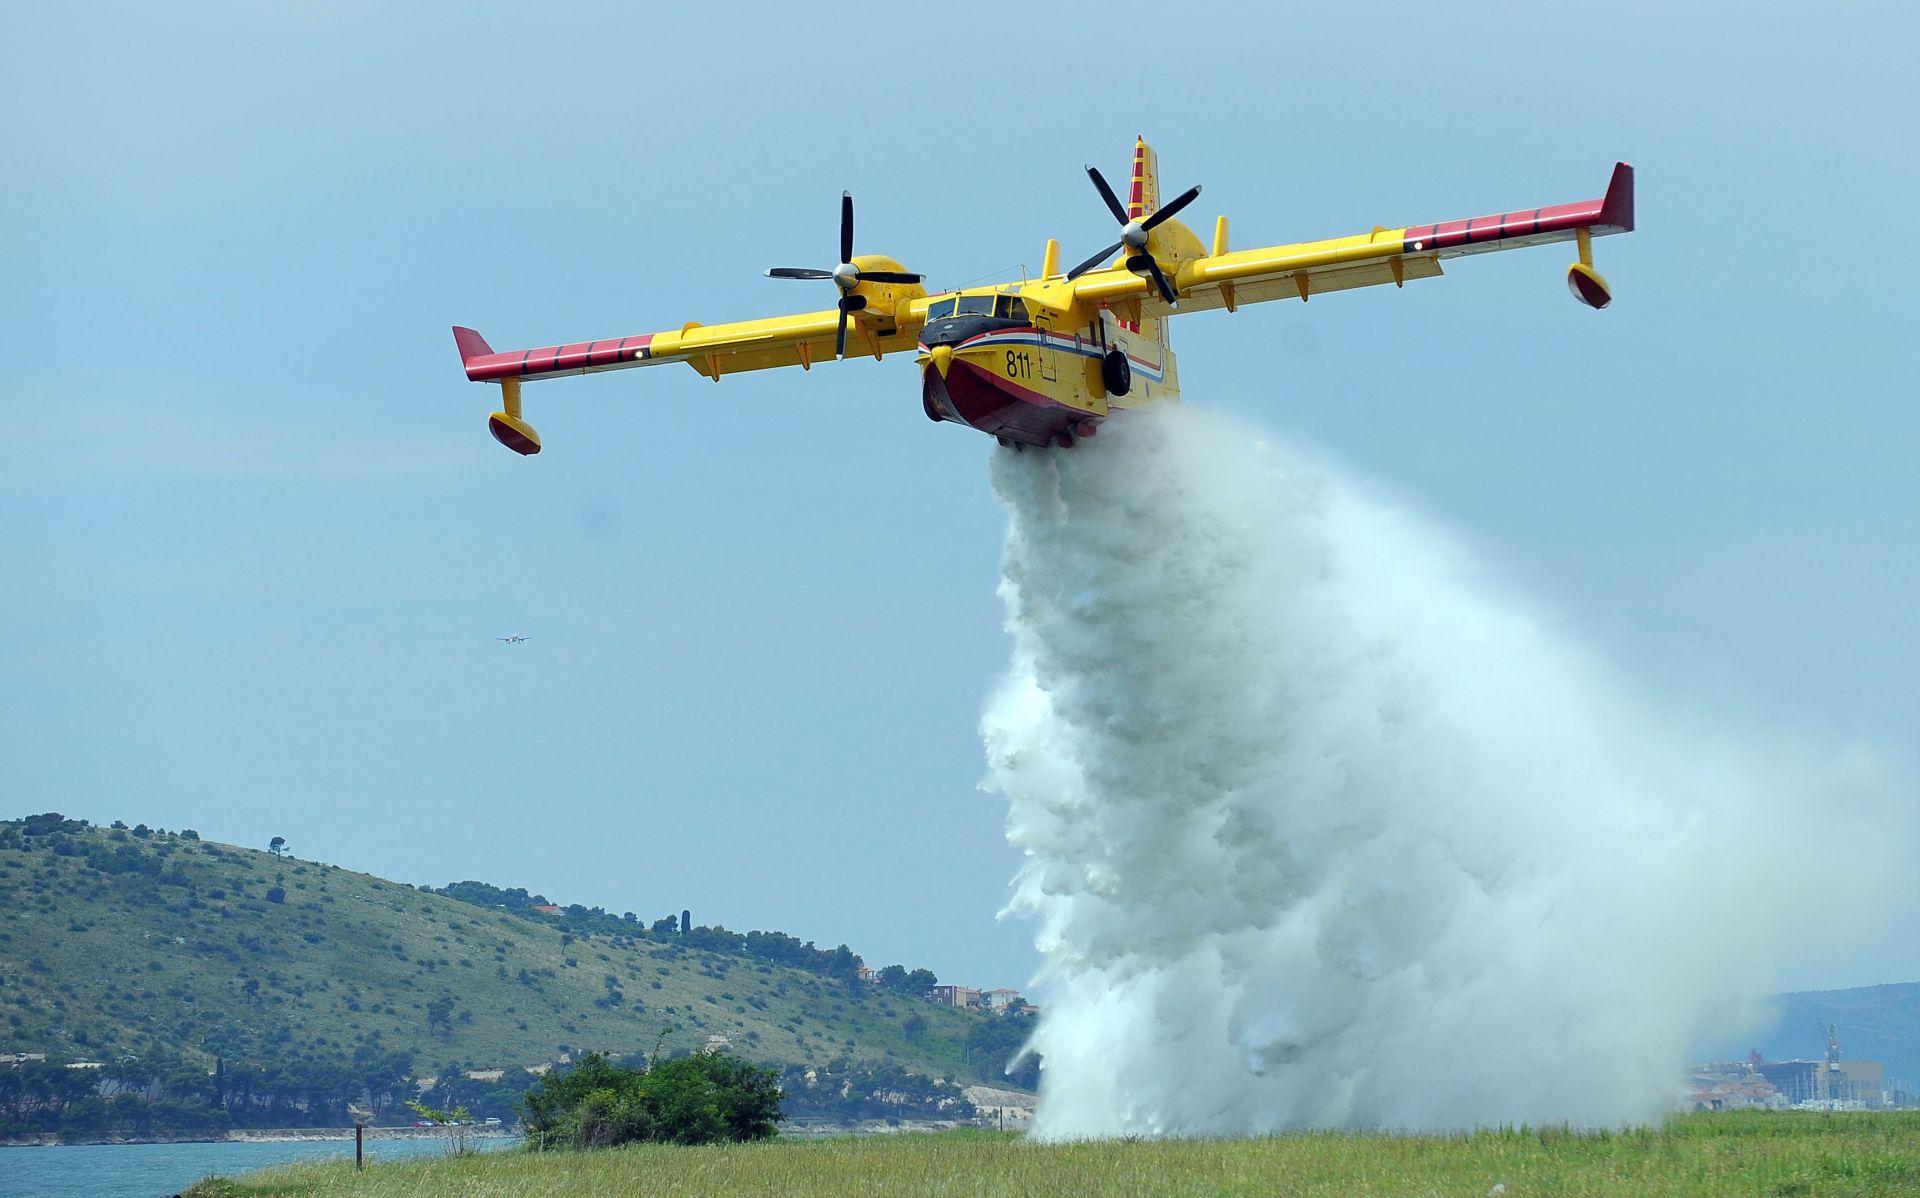 MORH Zračne snage u nedjelju gase tri požara